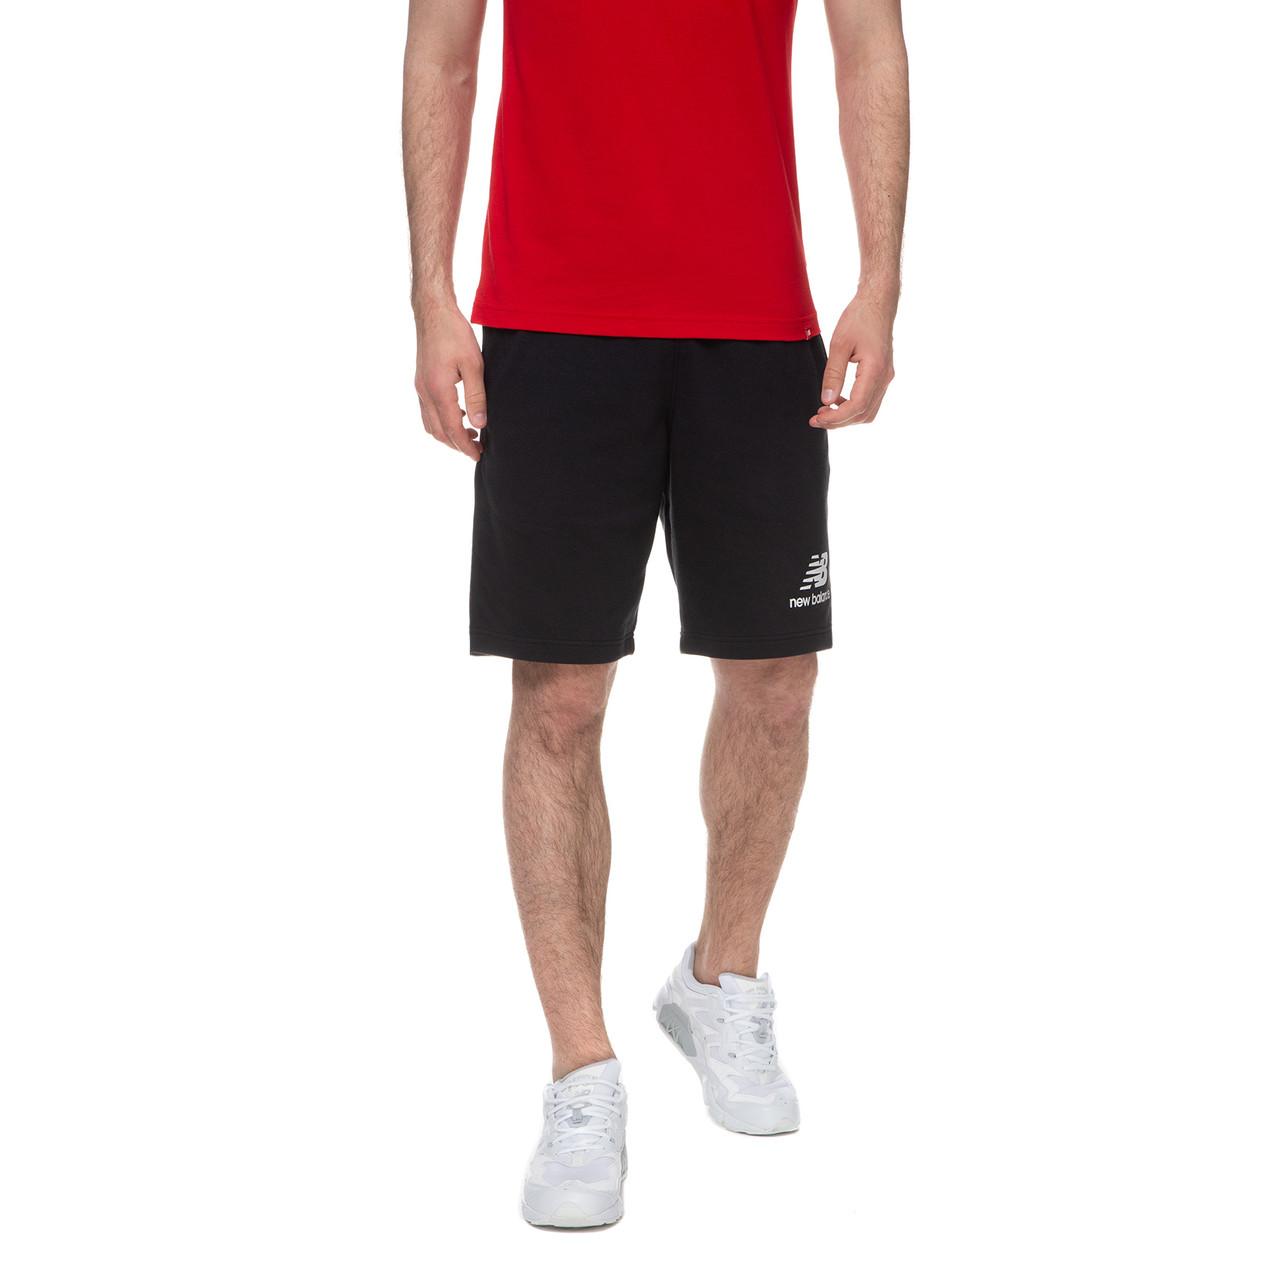 Шорти чоловічі New Balance Essentials Stacked Logo чорні (MS03558BK)